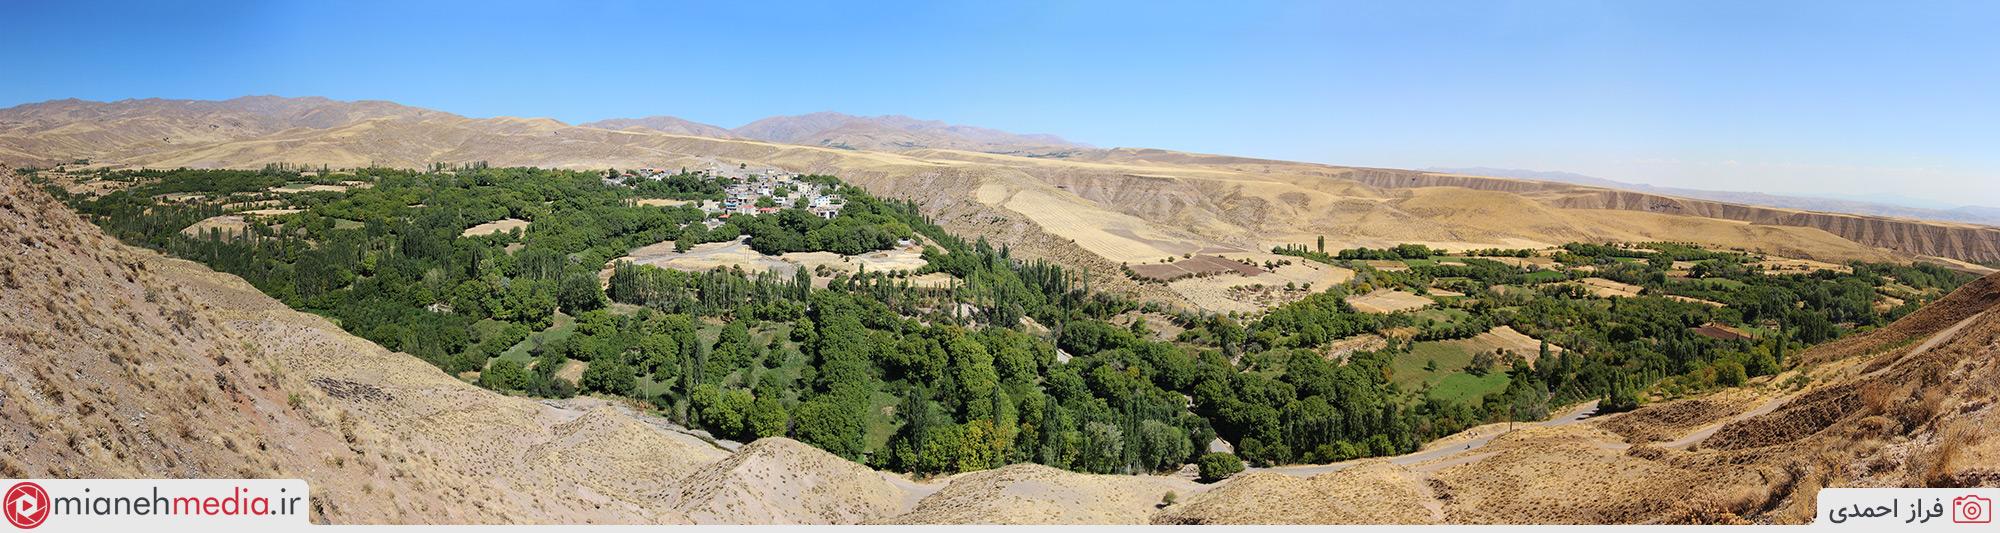 روستای کسلان (کاسالان)